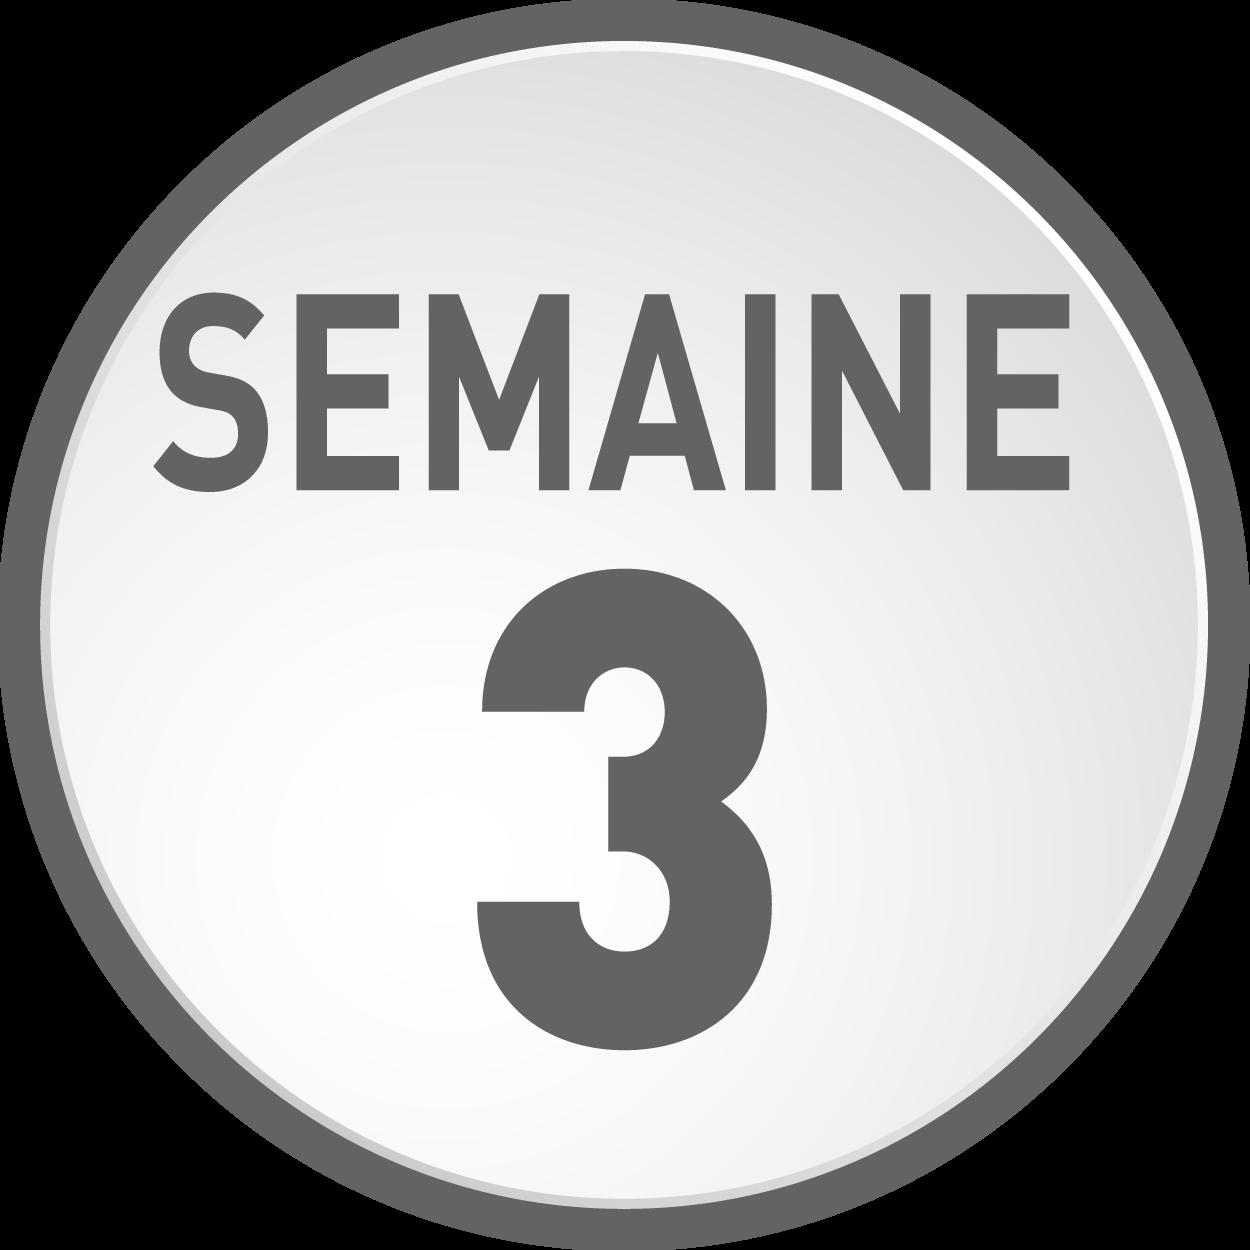 Semaine 3